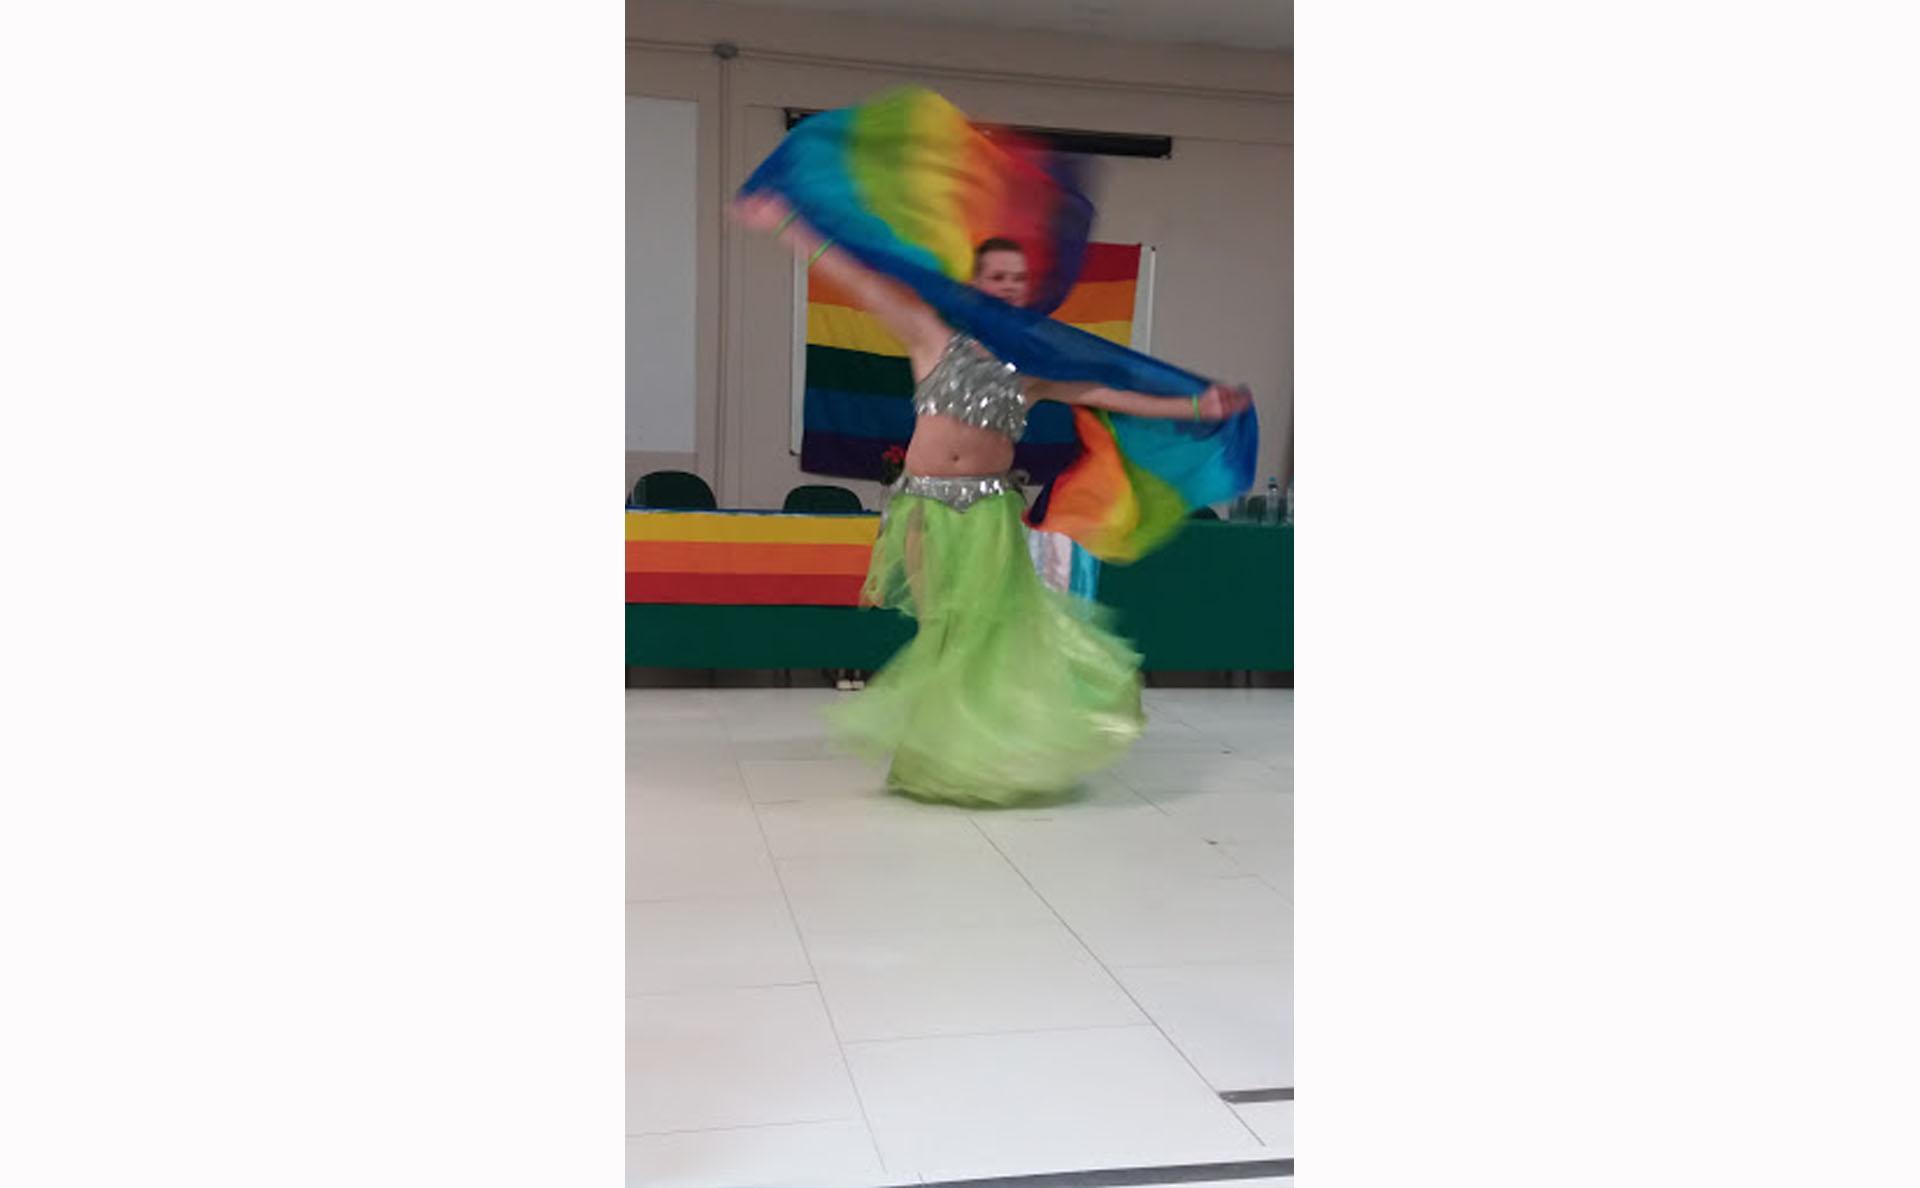 Bailarino apresenta coreografia de dança do ventre em frente à bandeira LGBTQ+